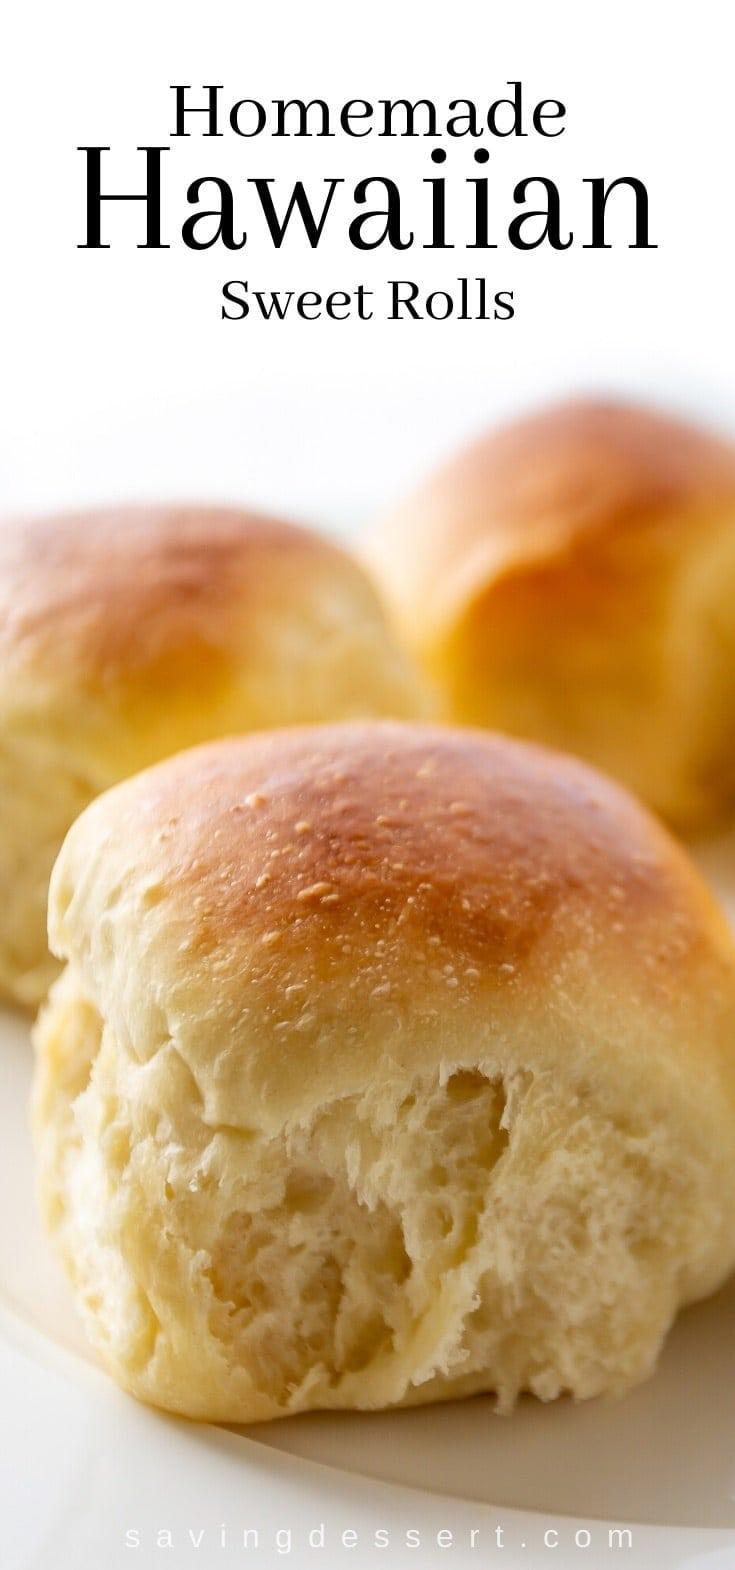 homemade Hawaiian sweet rolls